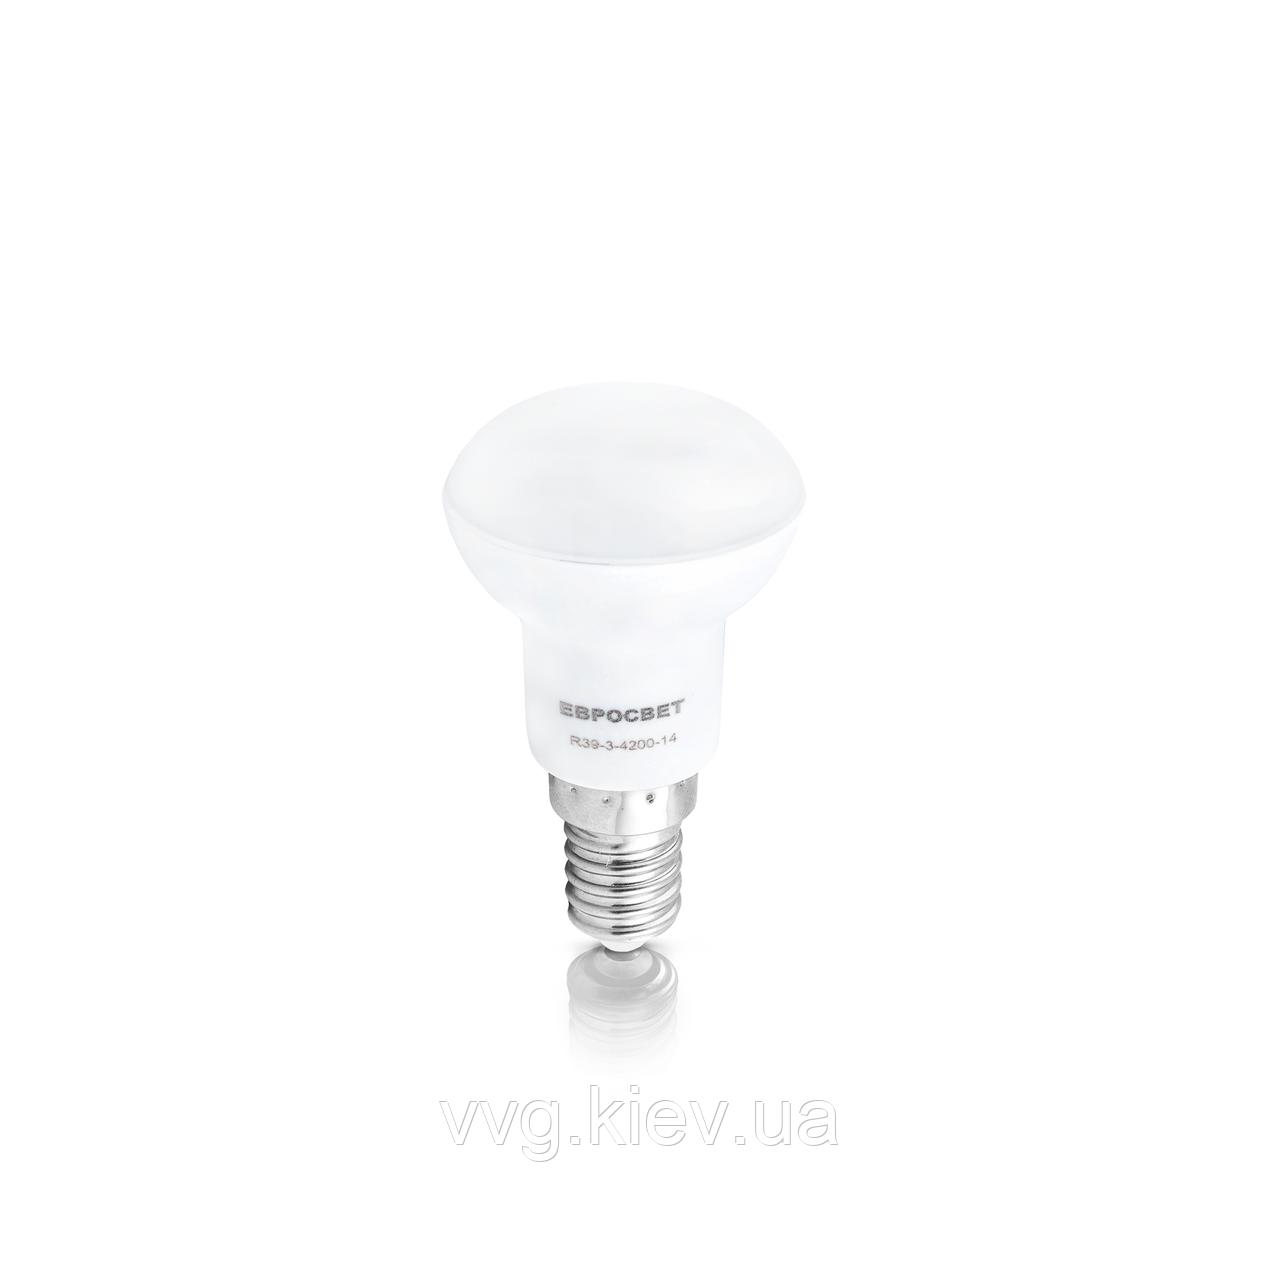 Светодиодная лампа R39 3W 3000K E14 220V R39-3-3000-14 ЕВРОСВЕТ (000039151)